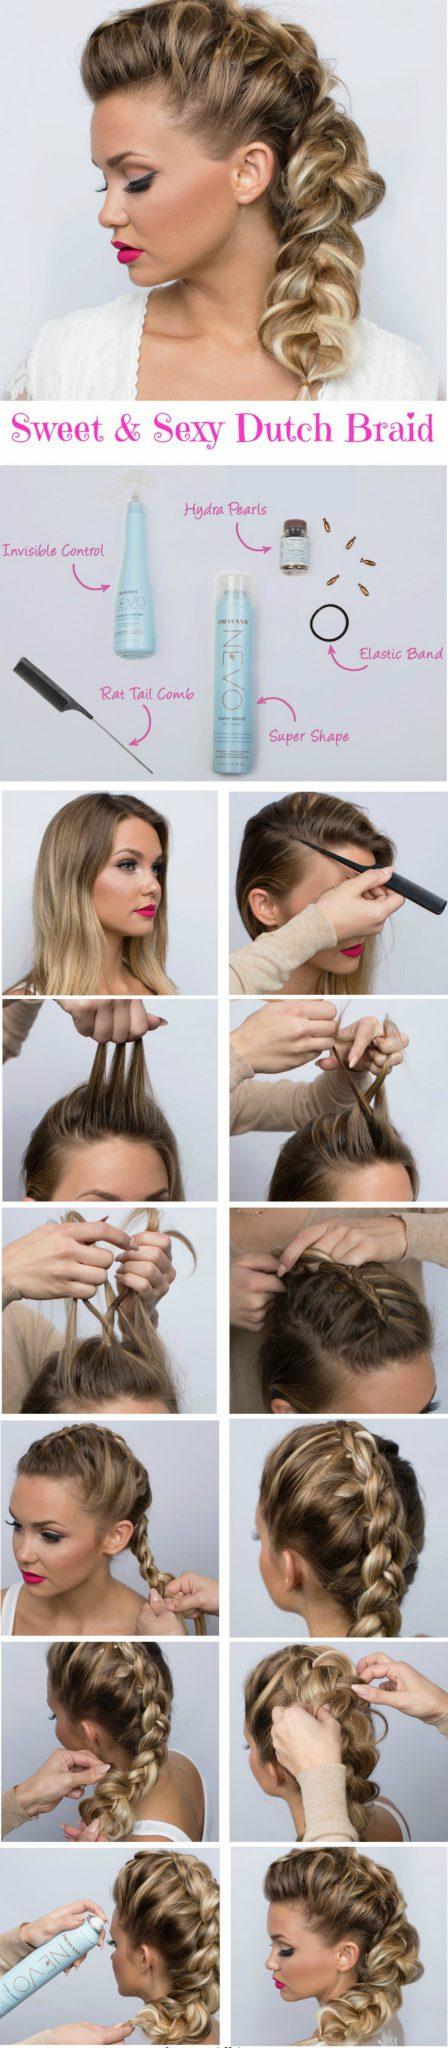 коса на свидание фото 1